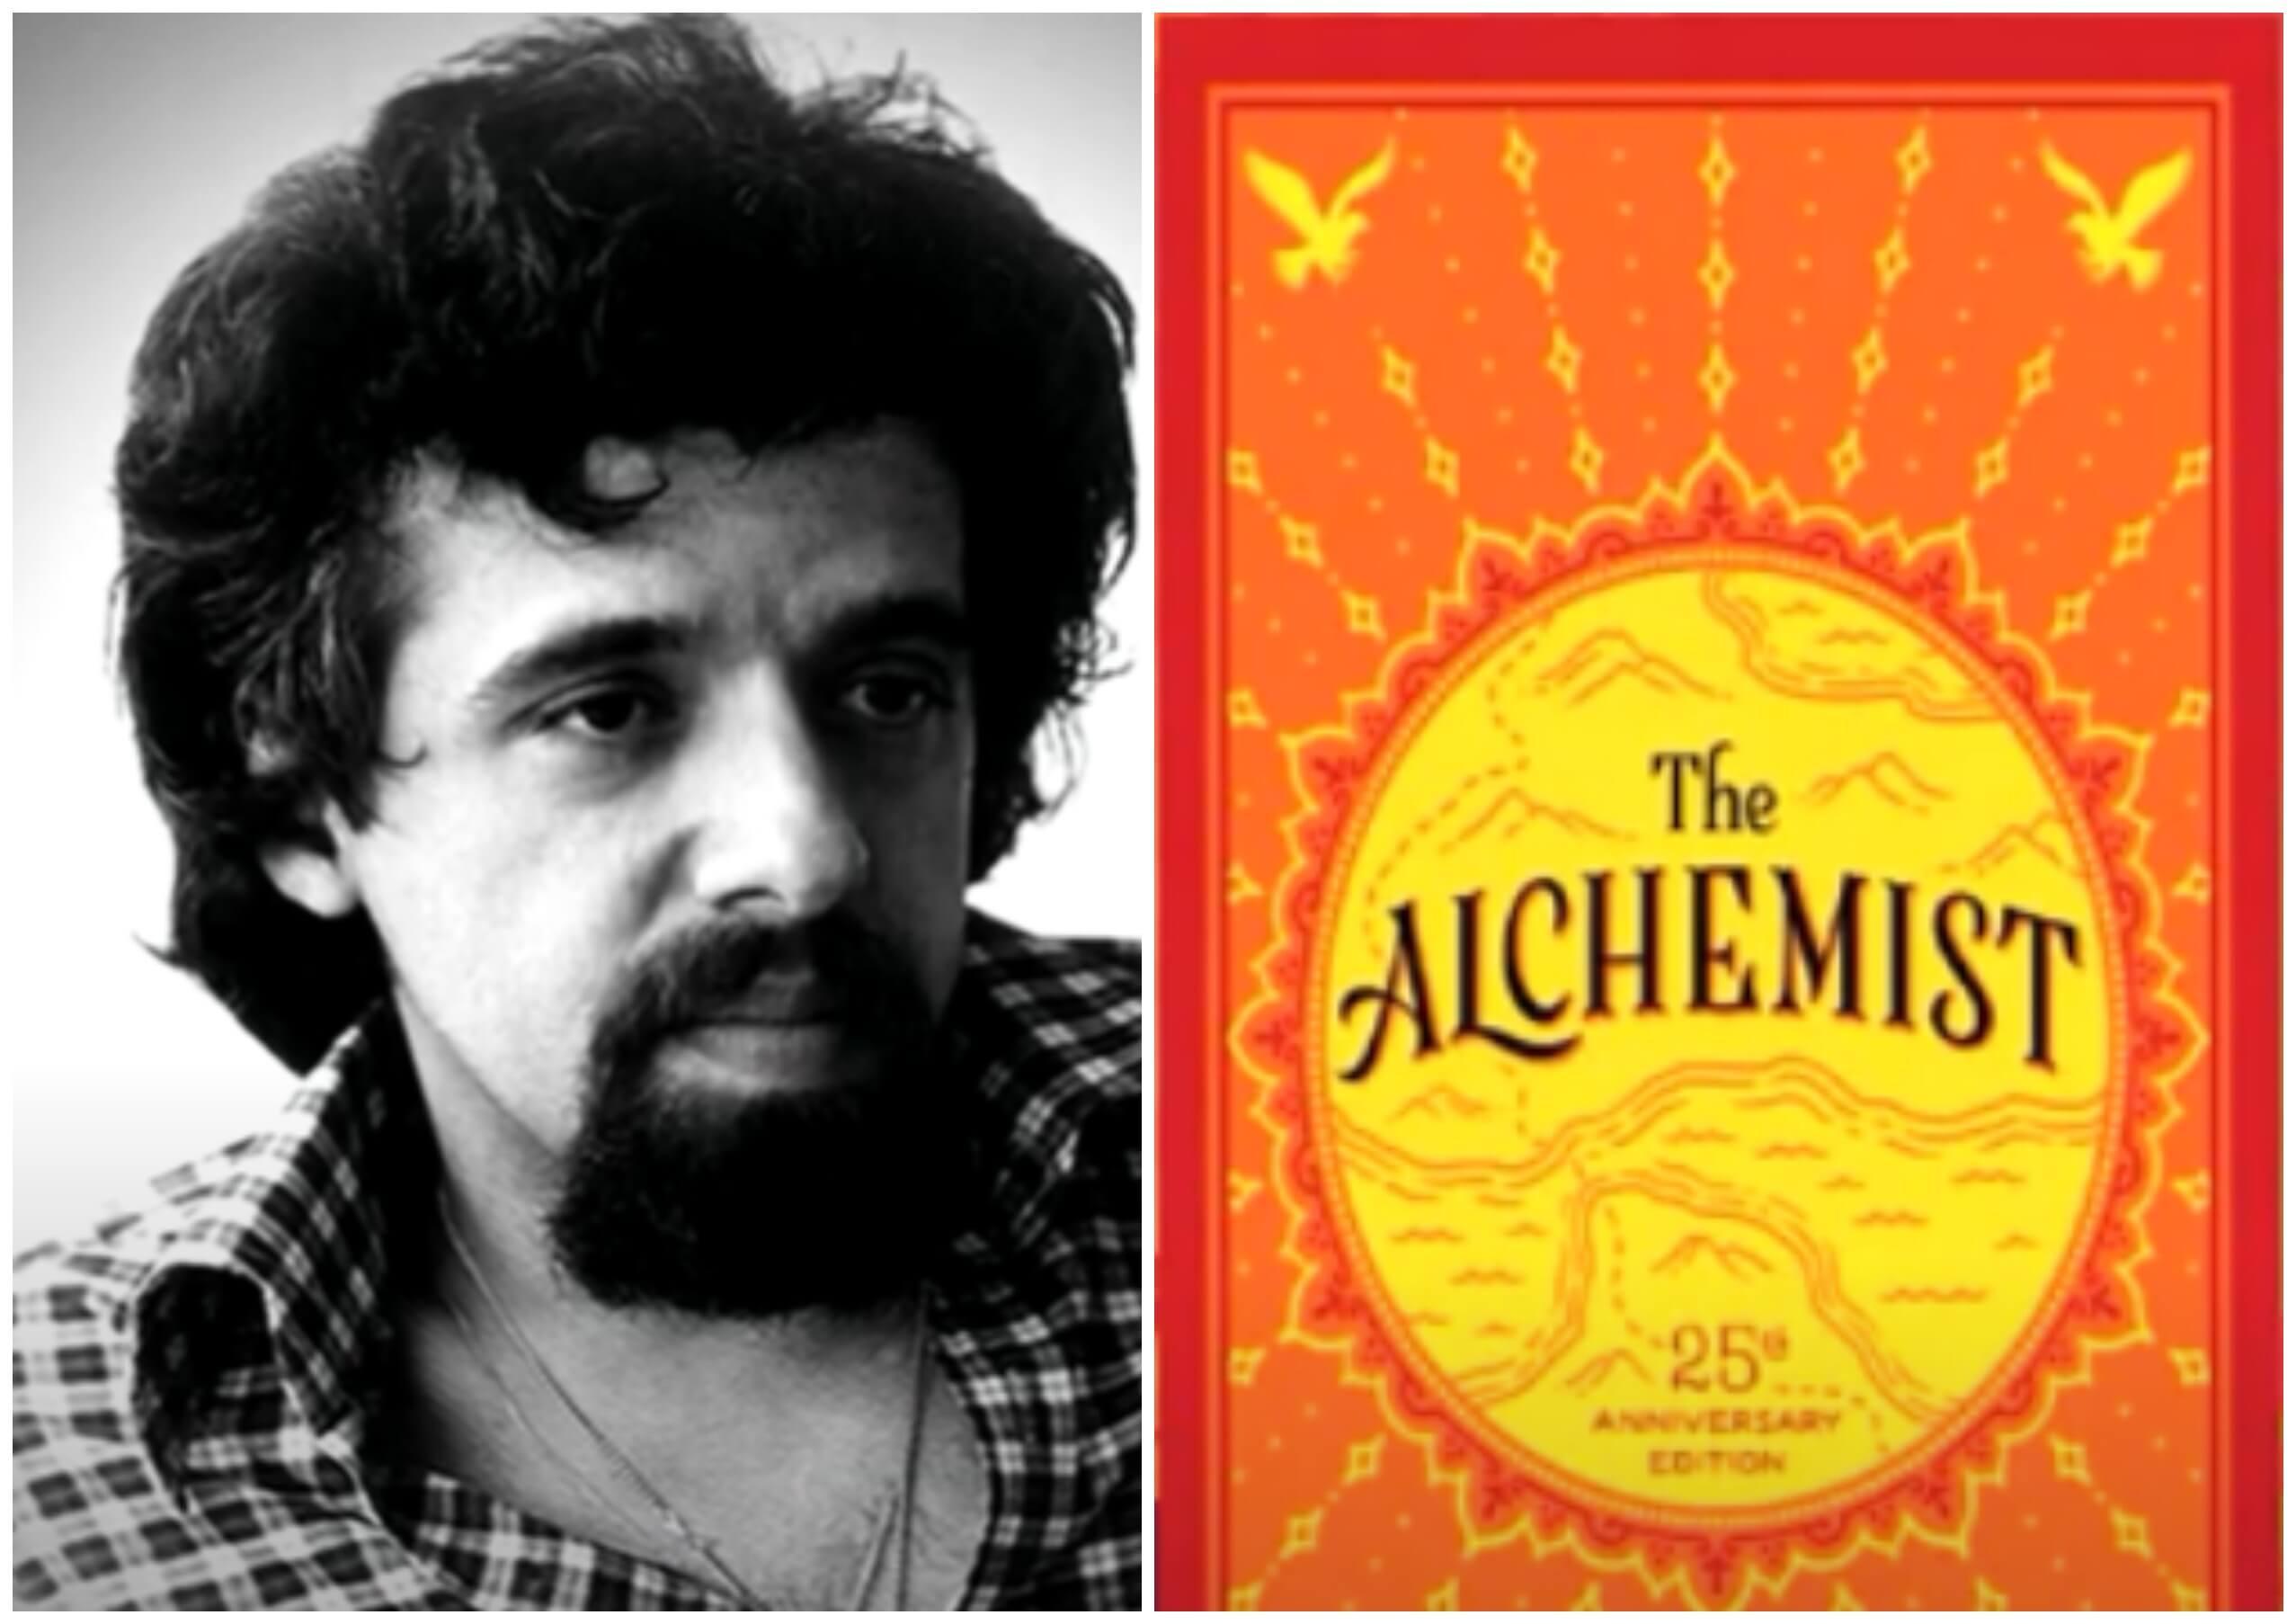 """На фото изображен Пауло Коэльо и обложка его книги """"Алхимик""""."""